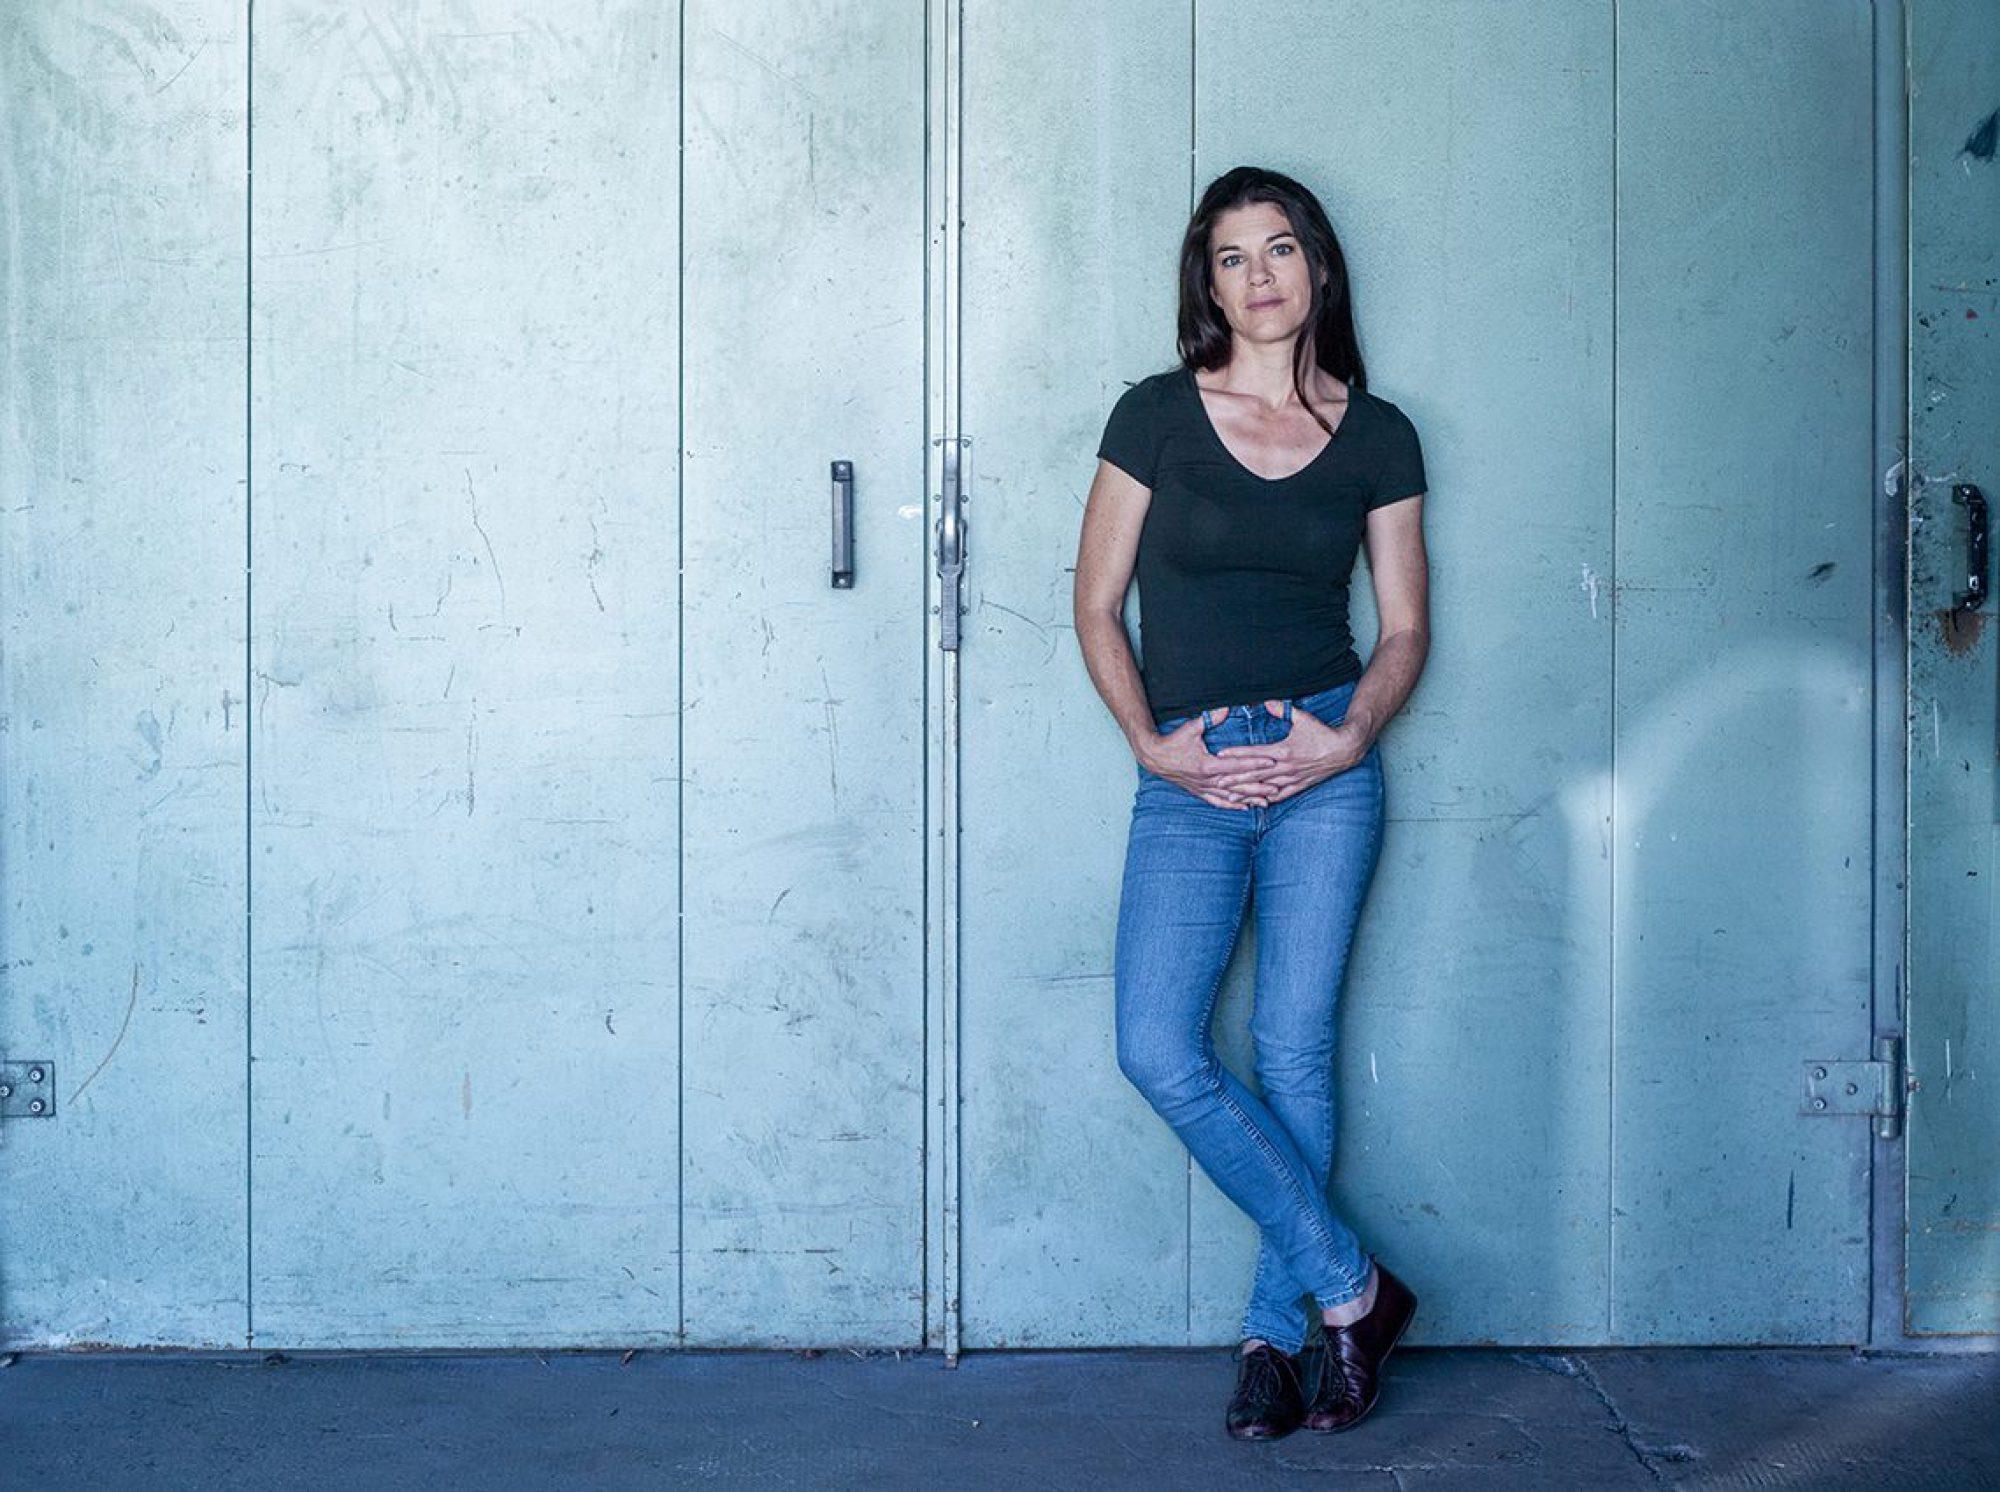 Susanne Odermatt